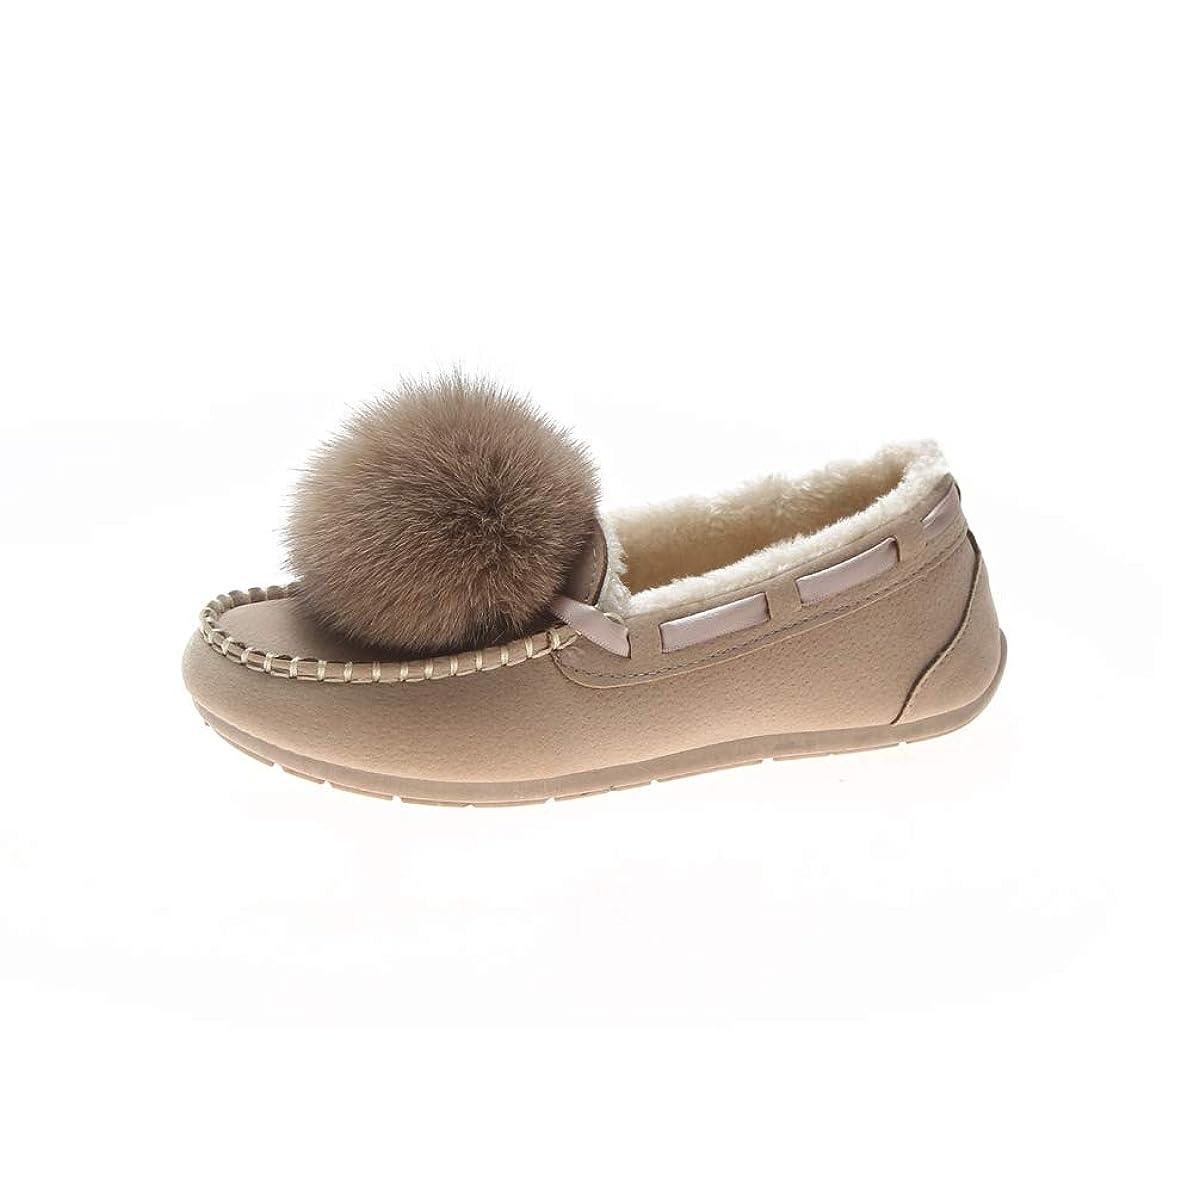 タンパク質地球社会[モリケイ] モカシン フラットシューズ ブーツ 靴 レディース ポンポン ファーモカシン フォーローファー 防寒 ボア スエード カジュアルシューズ 冬 ブラック ベージュ ブラウン ラウンドトゥ 滑り止め